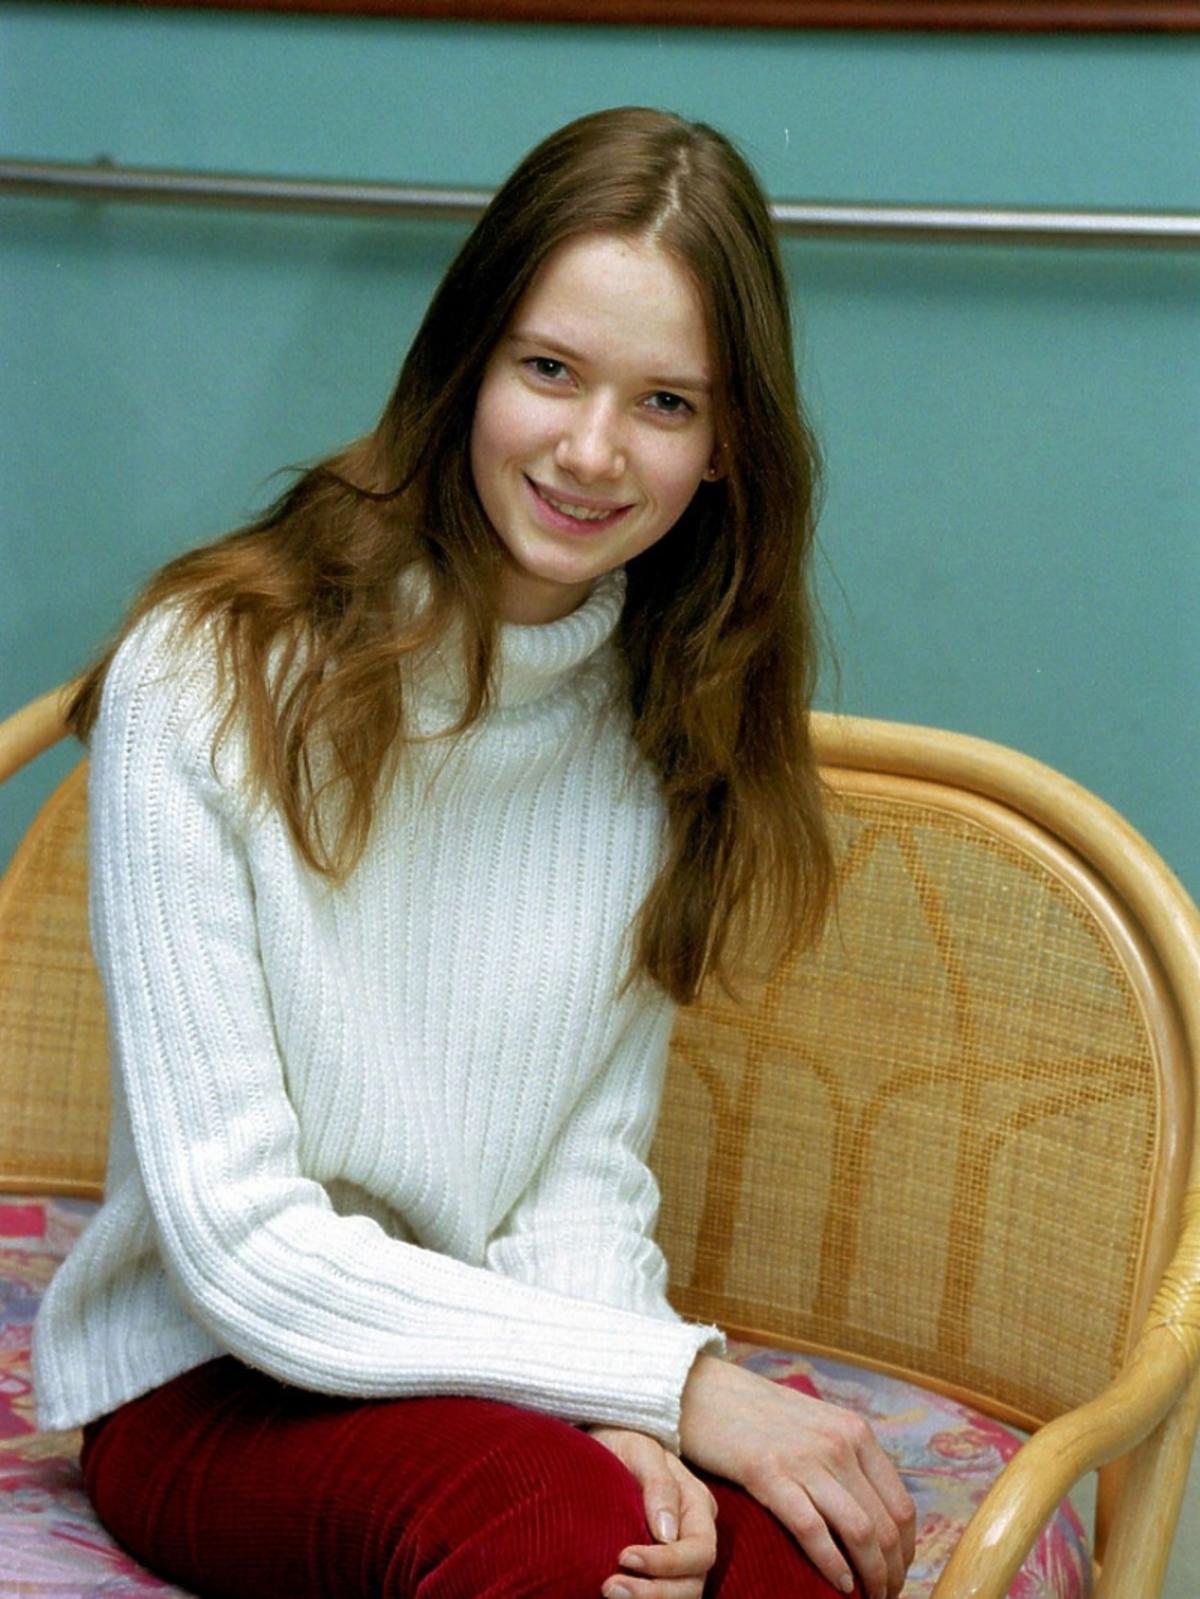 Karolina Malinowska w jasnym golfie siedzi na krześle